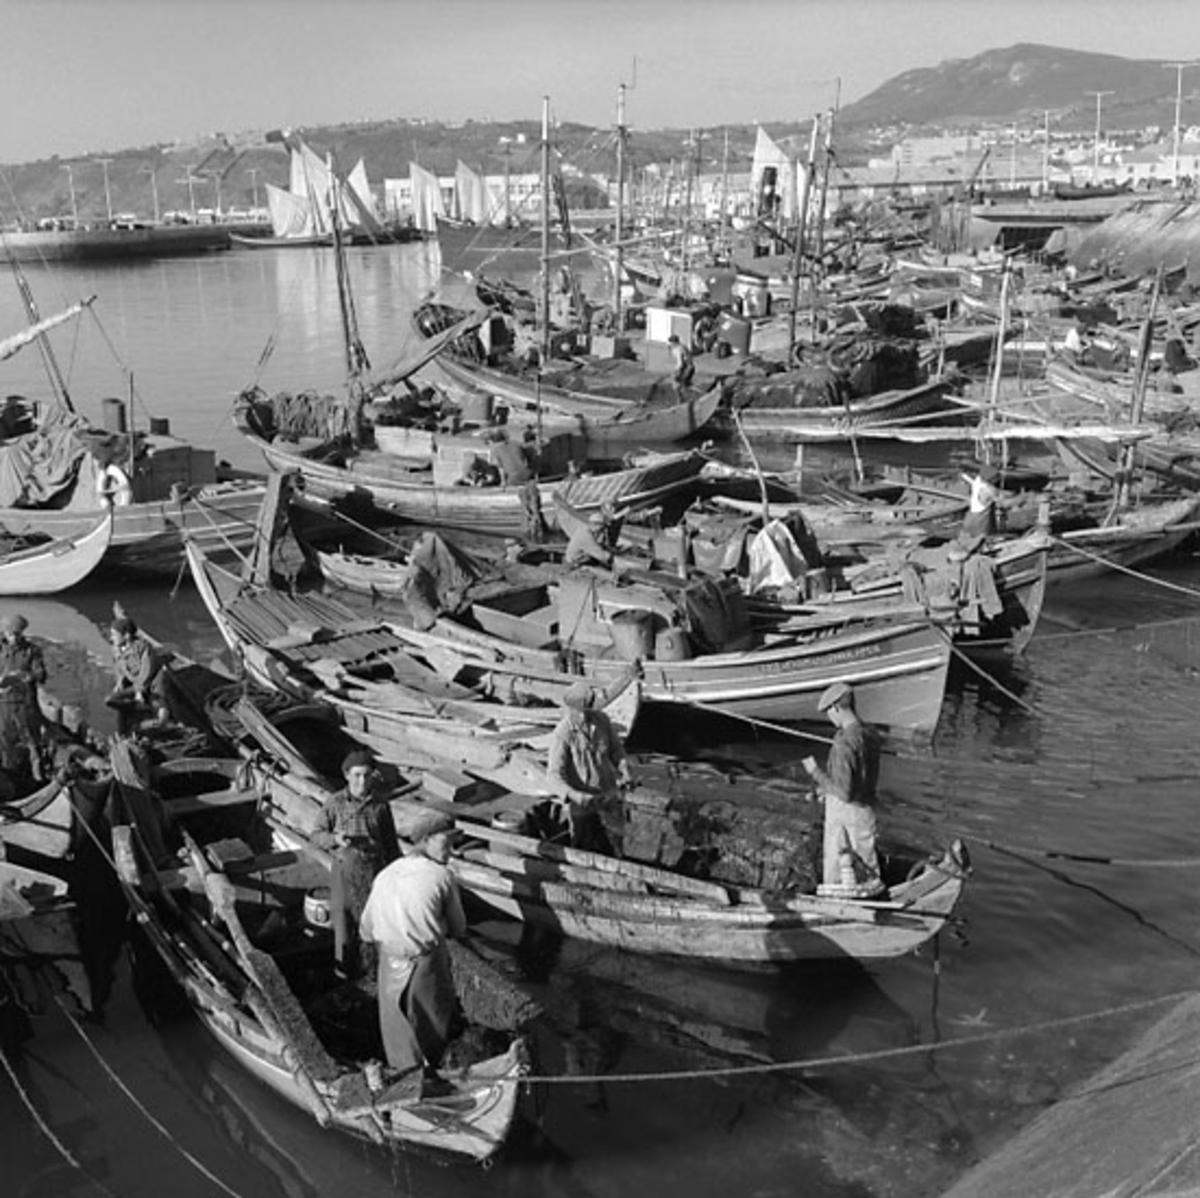 45. Portugal. Fotojournal finns på B.M.A. + fotoalbum. Samtidigt förvärv: Böcker och arkivmaterial. Foton tagna 1959-11-15. 12 Bilder i serie.